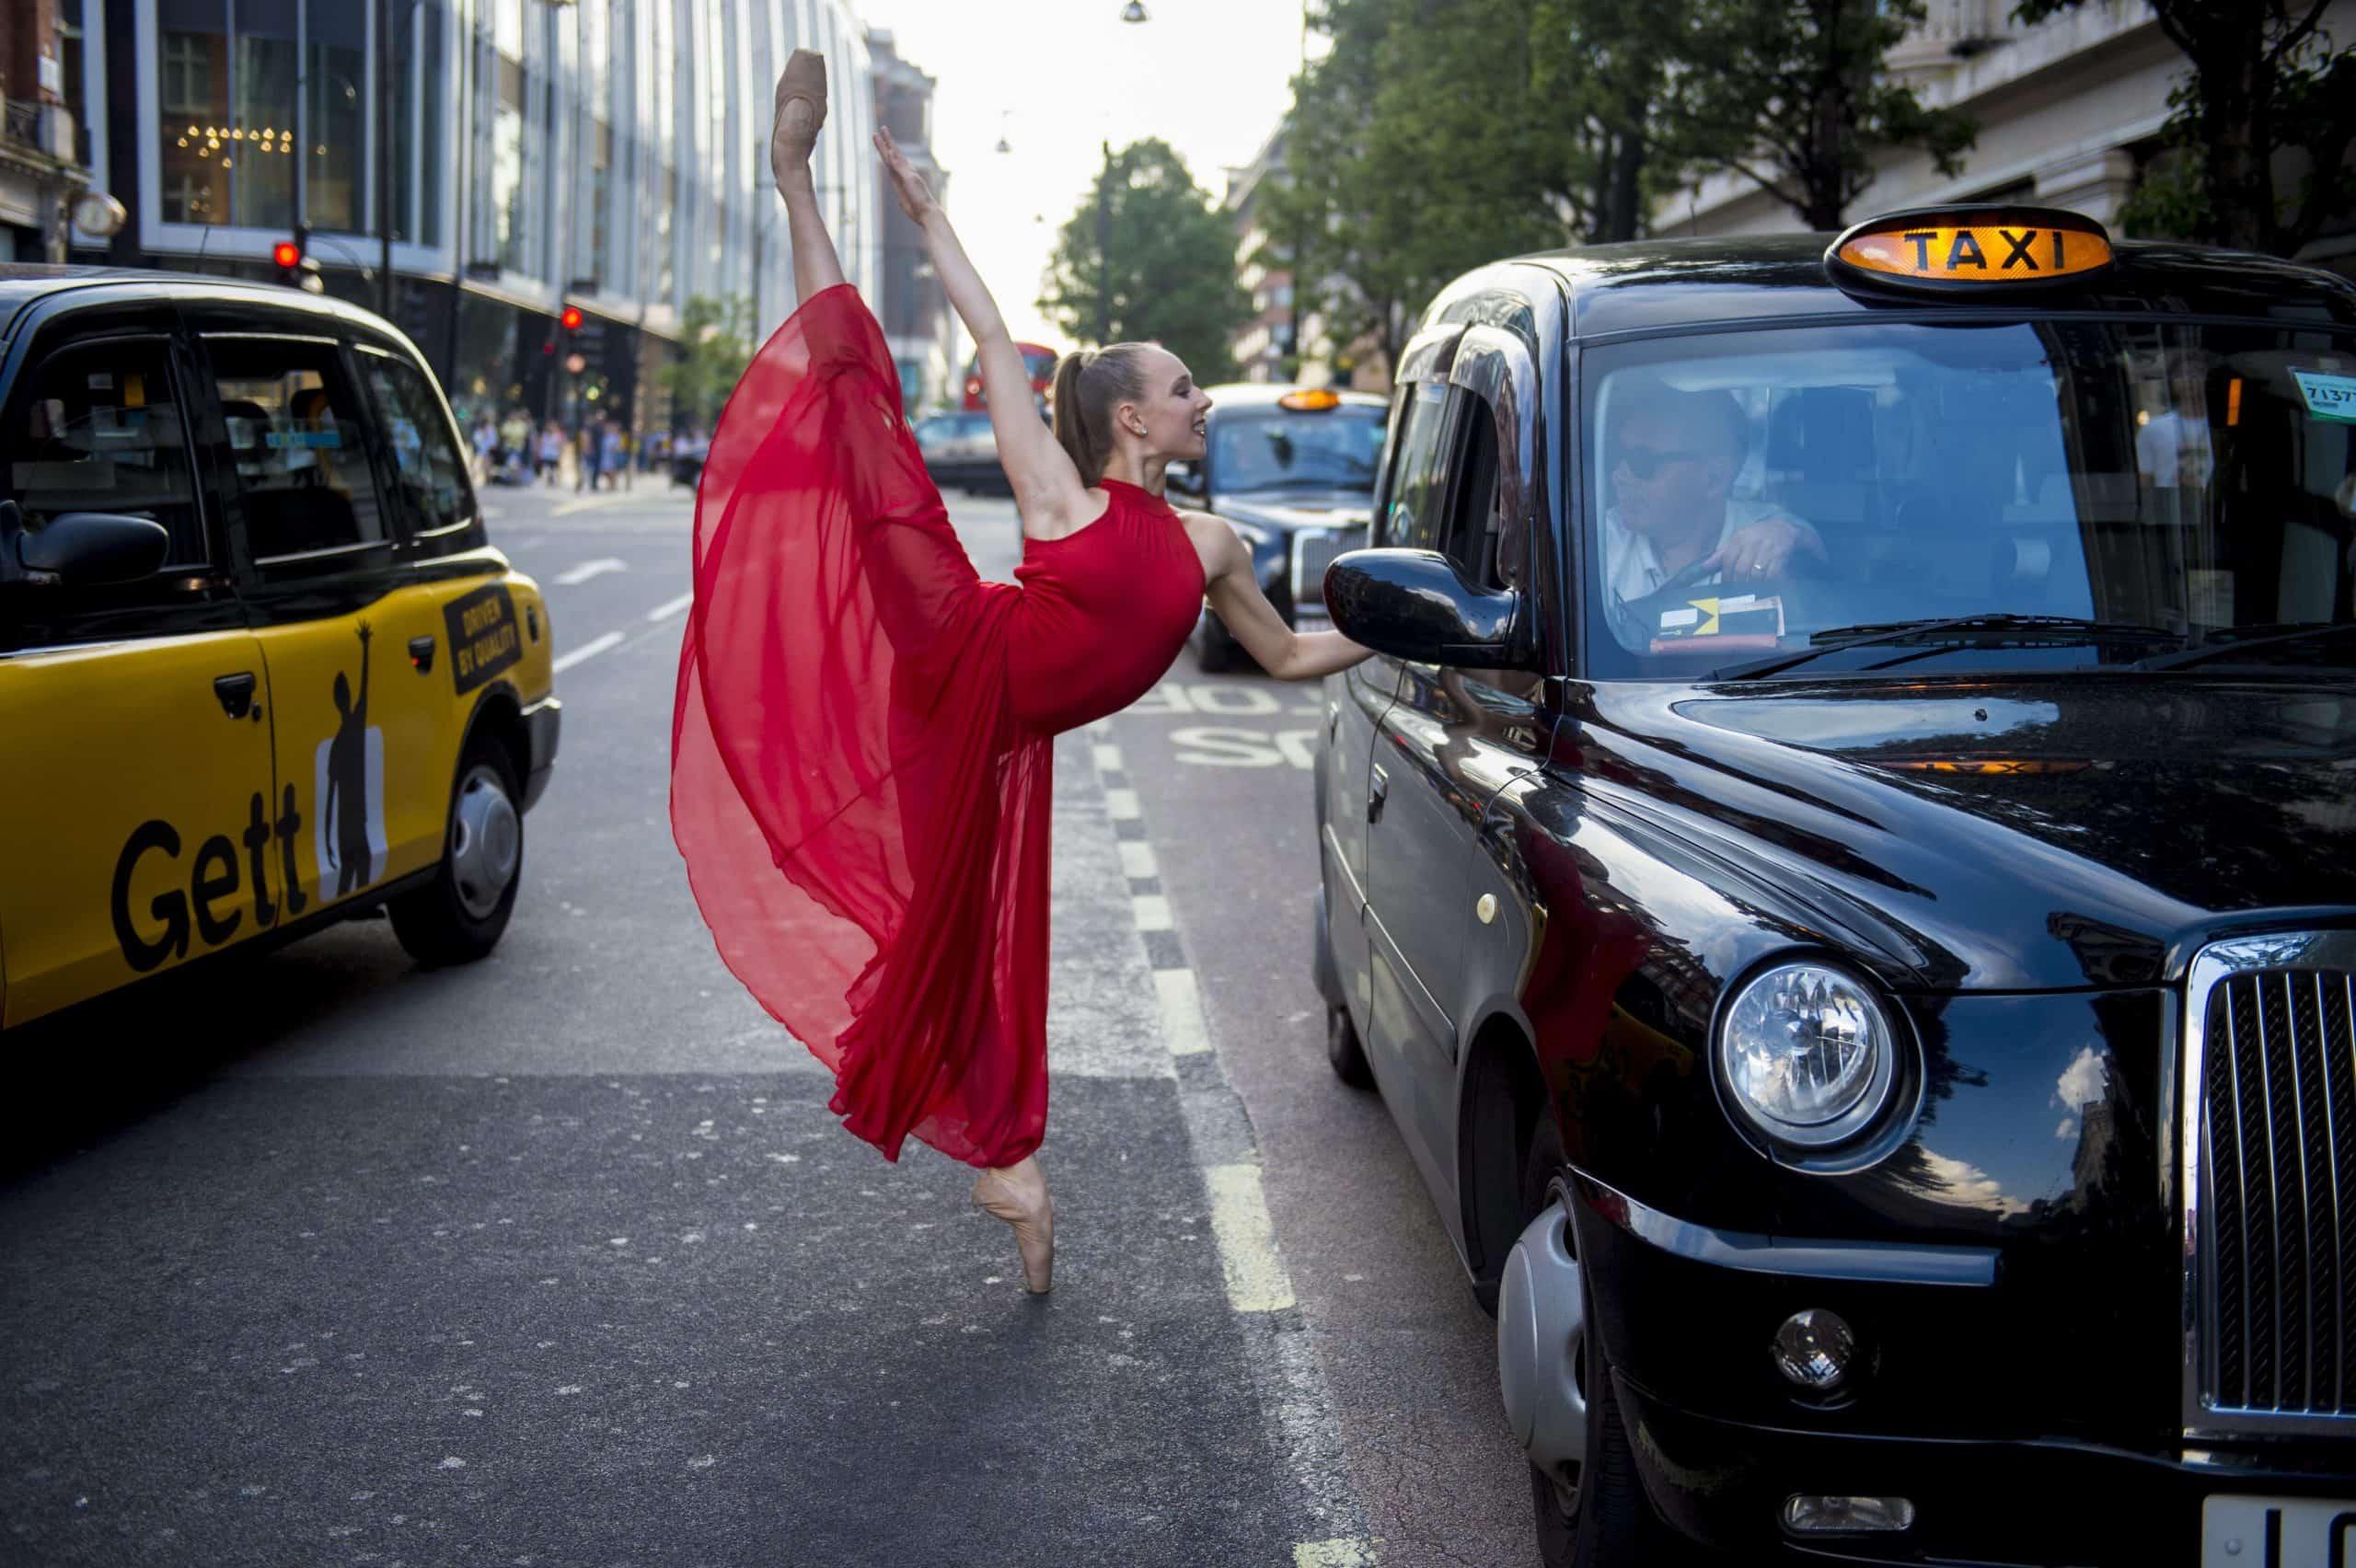 Jordan Matter Guinness world record of dancers on pointe!